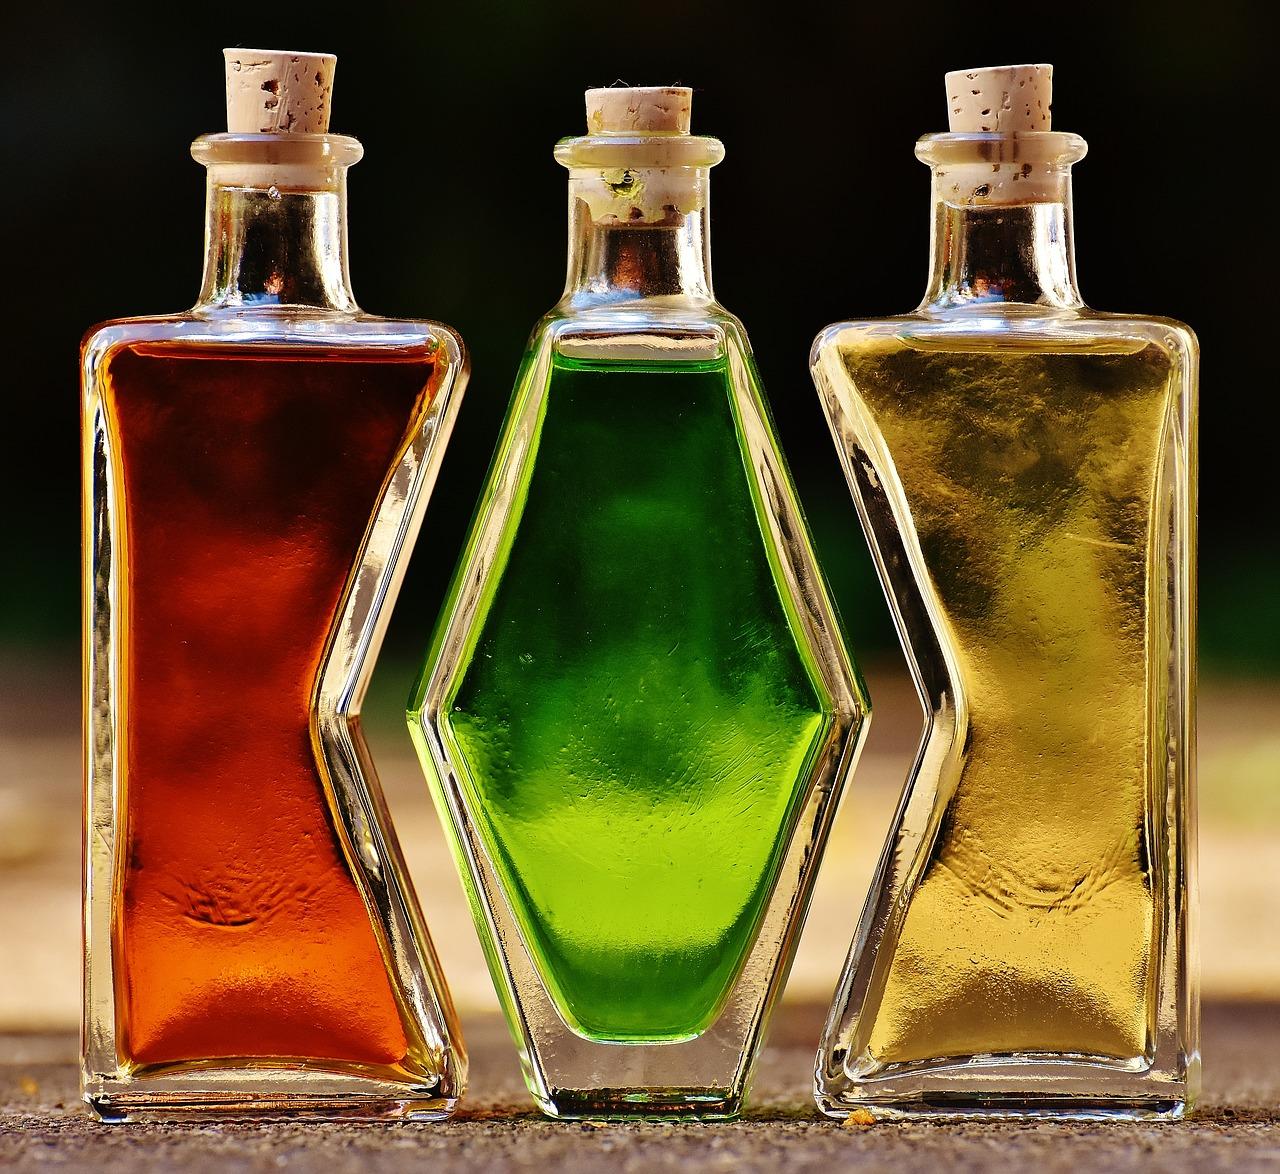 bottles-1640819_1280.jpg